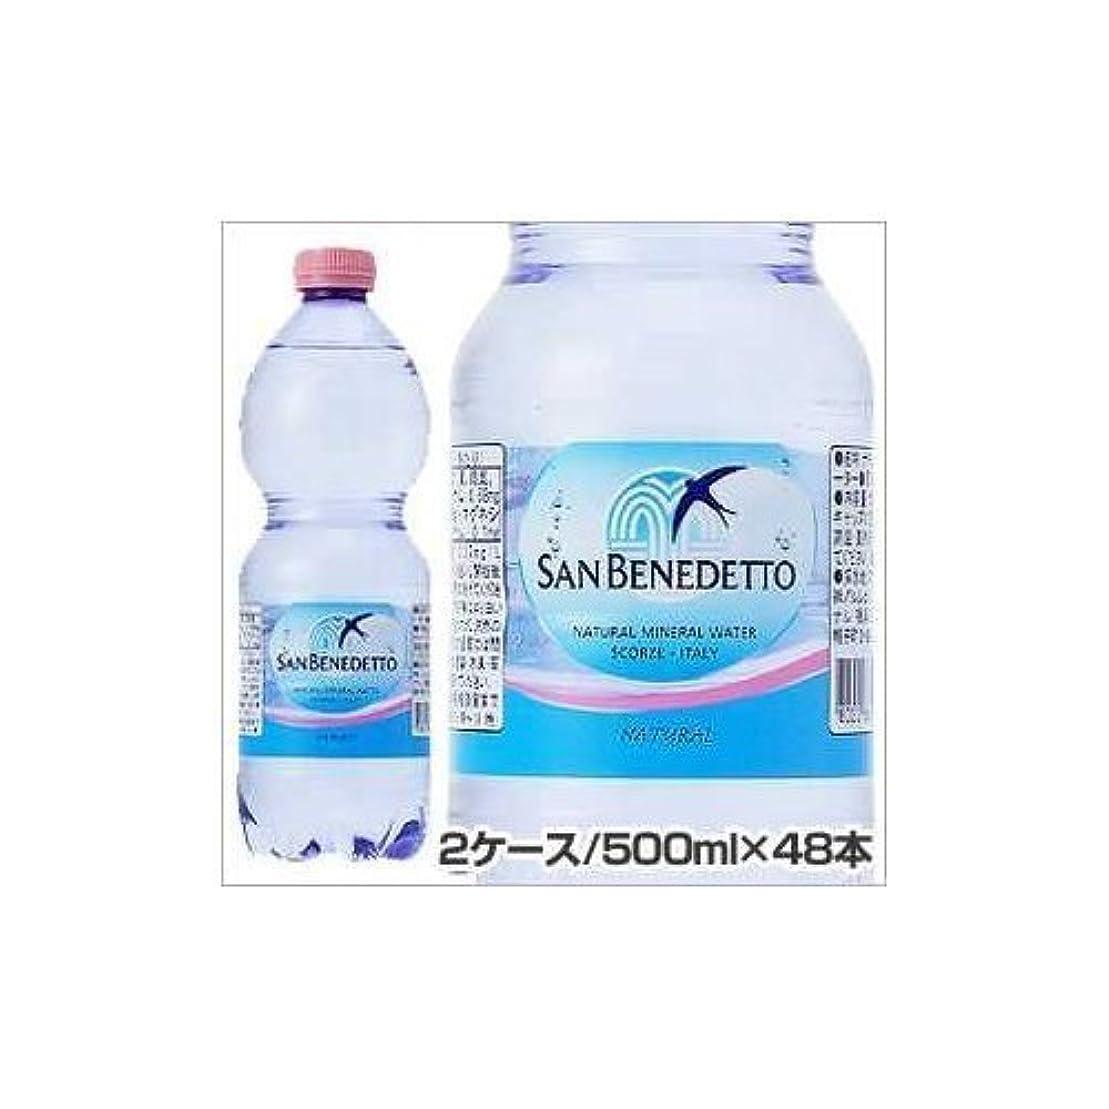 解放水かすれたサンベネデット ミネラルウォーター ナチュラル (ガスなし) ペットボトル 500ml×48本(2ケース)[正規輸入品]